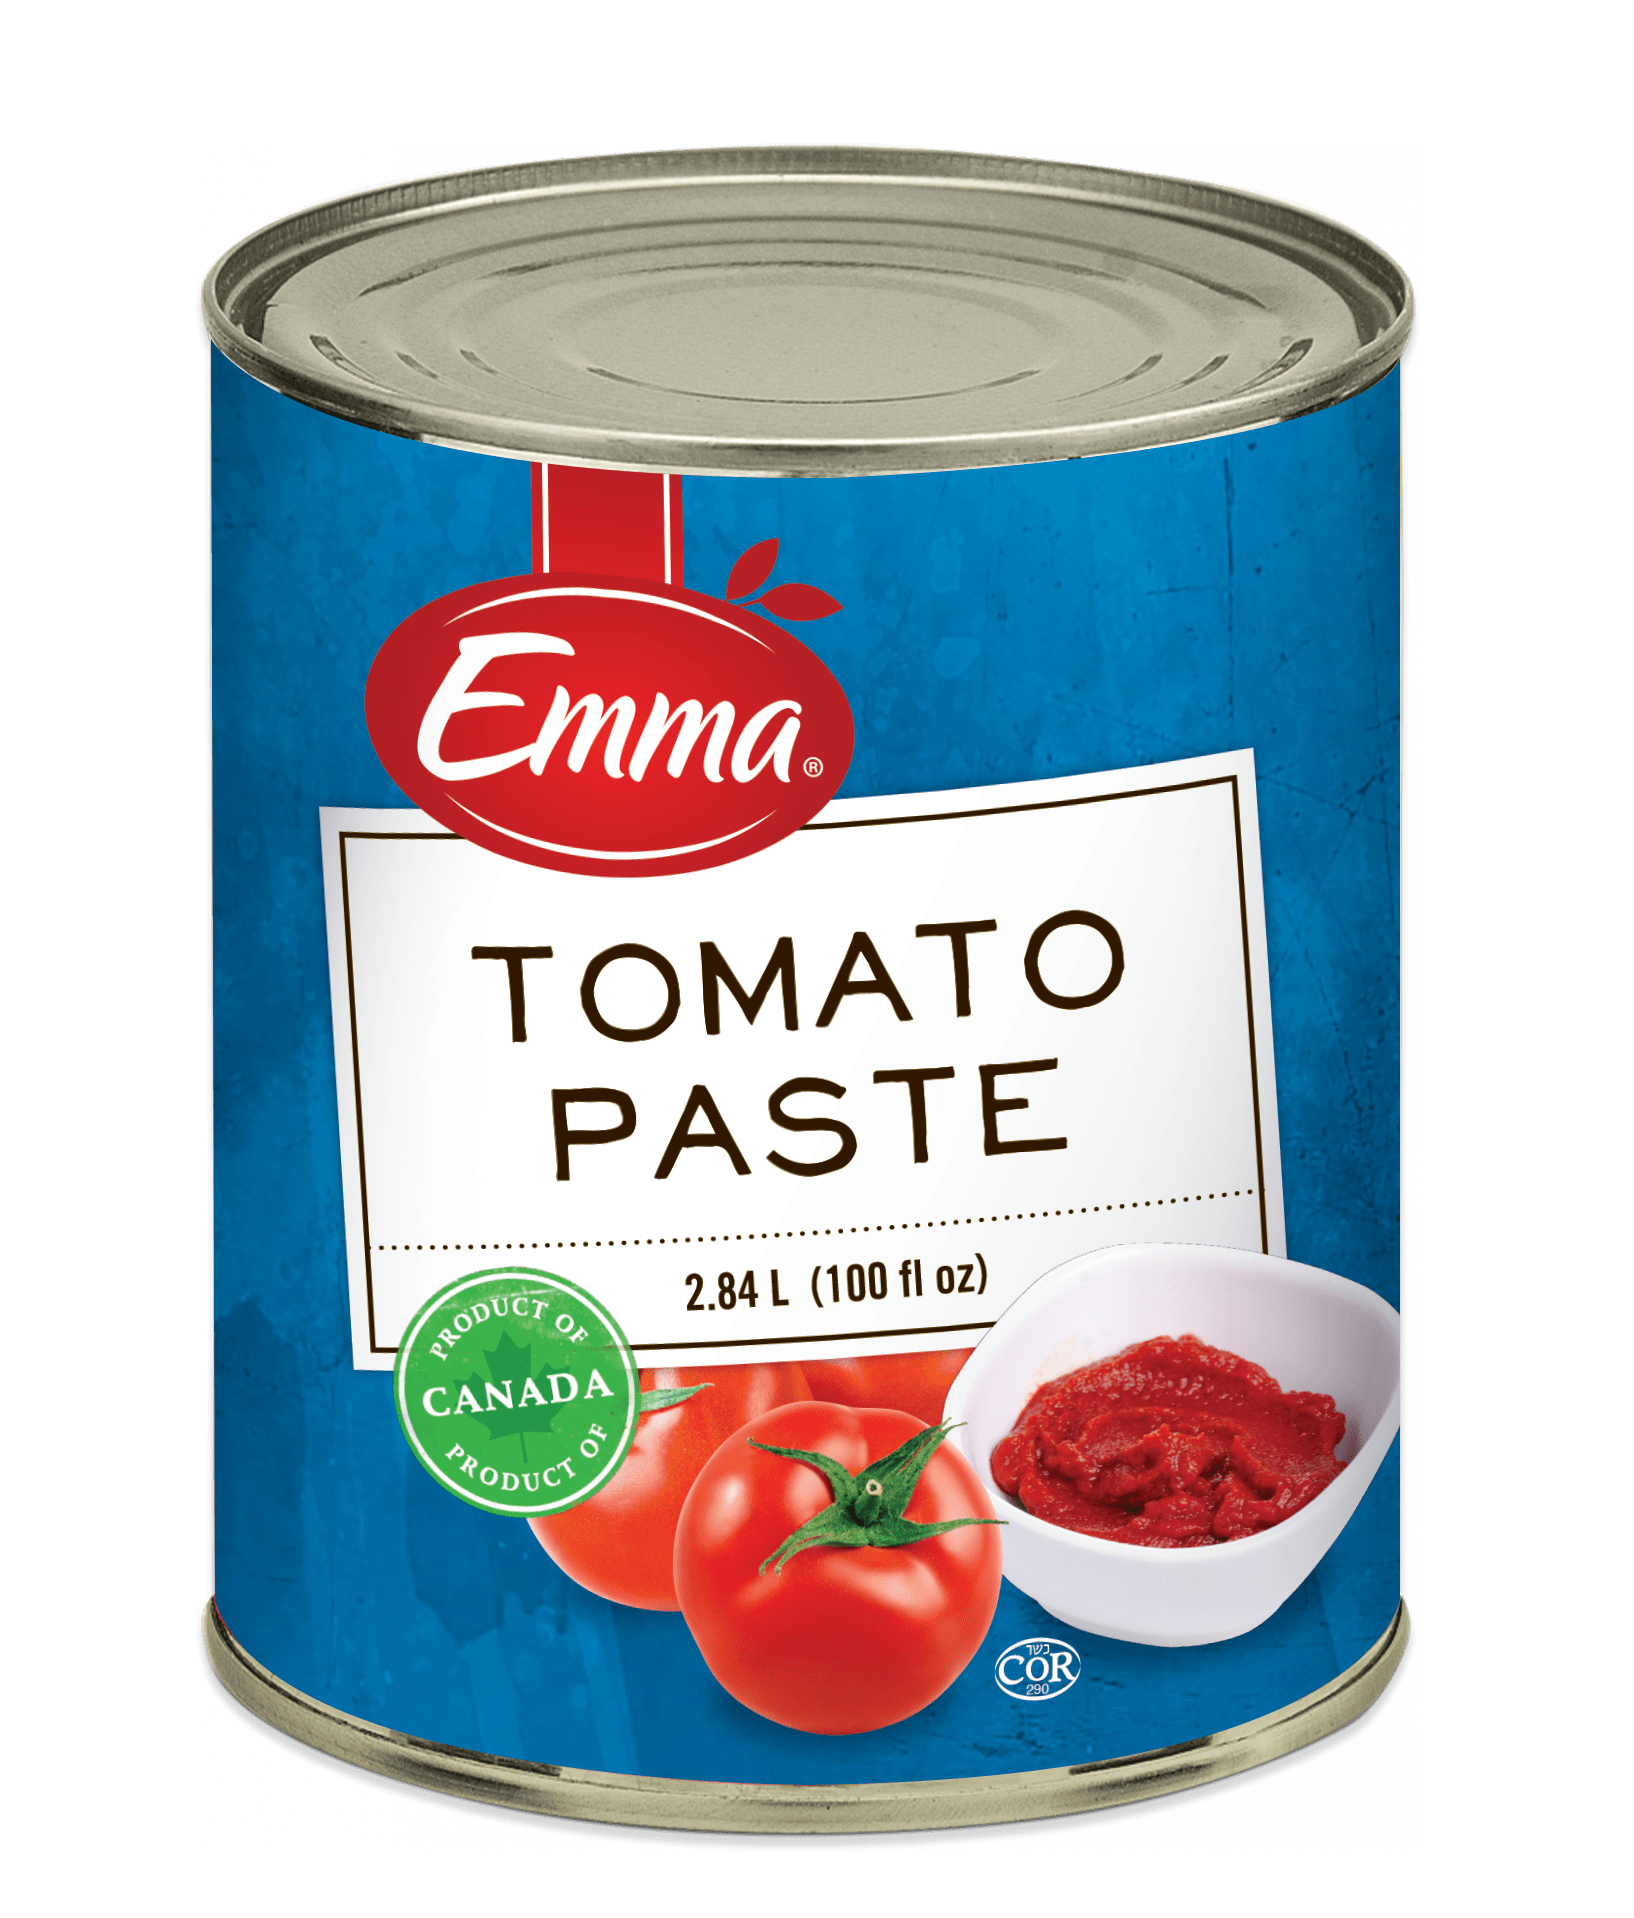 Emma Tomato Paste